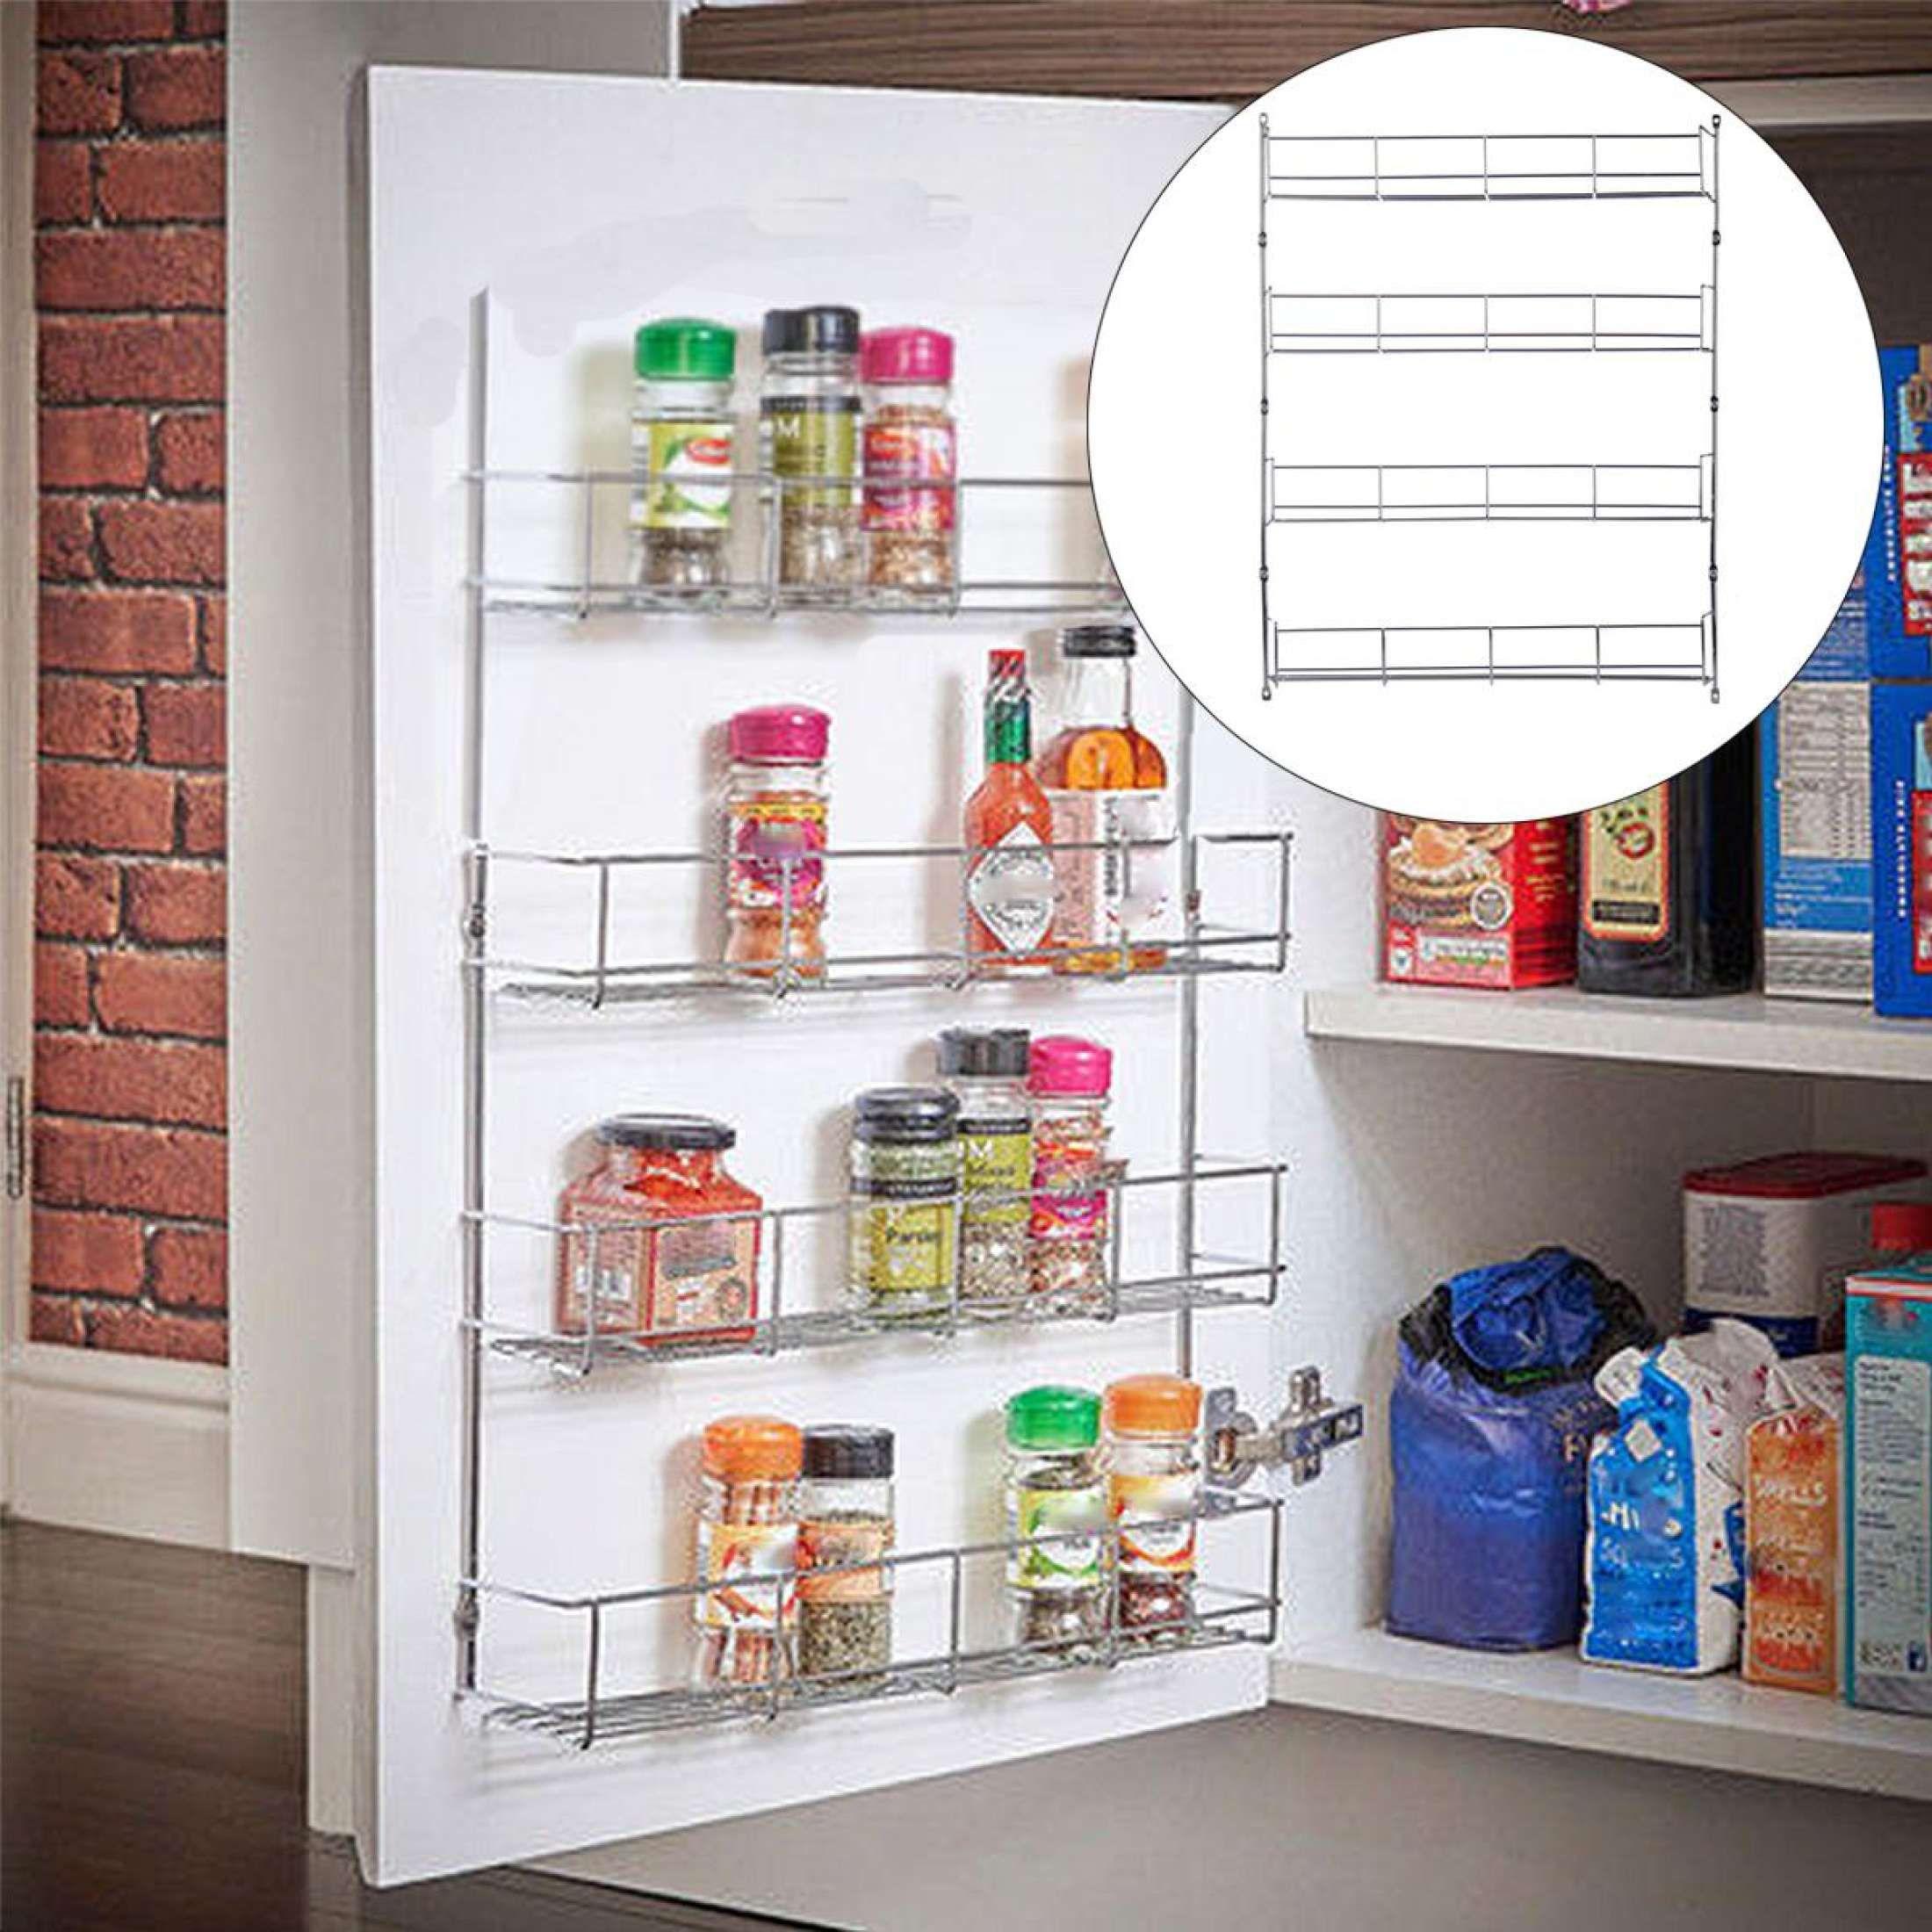 4 Tiers Kitchen Spice Rack Cabinet Organizer Wall Mount Storage